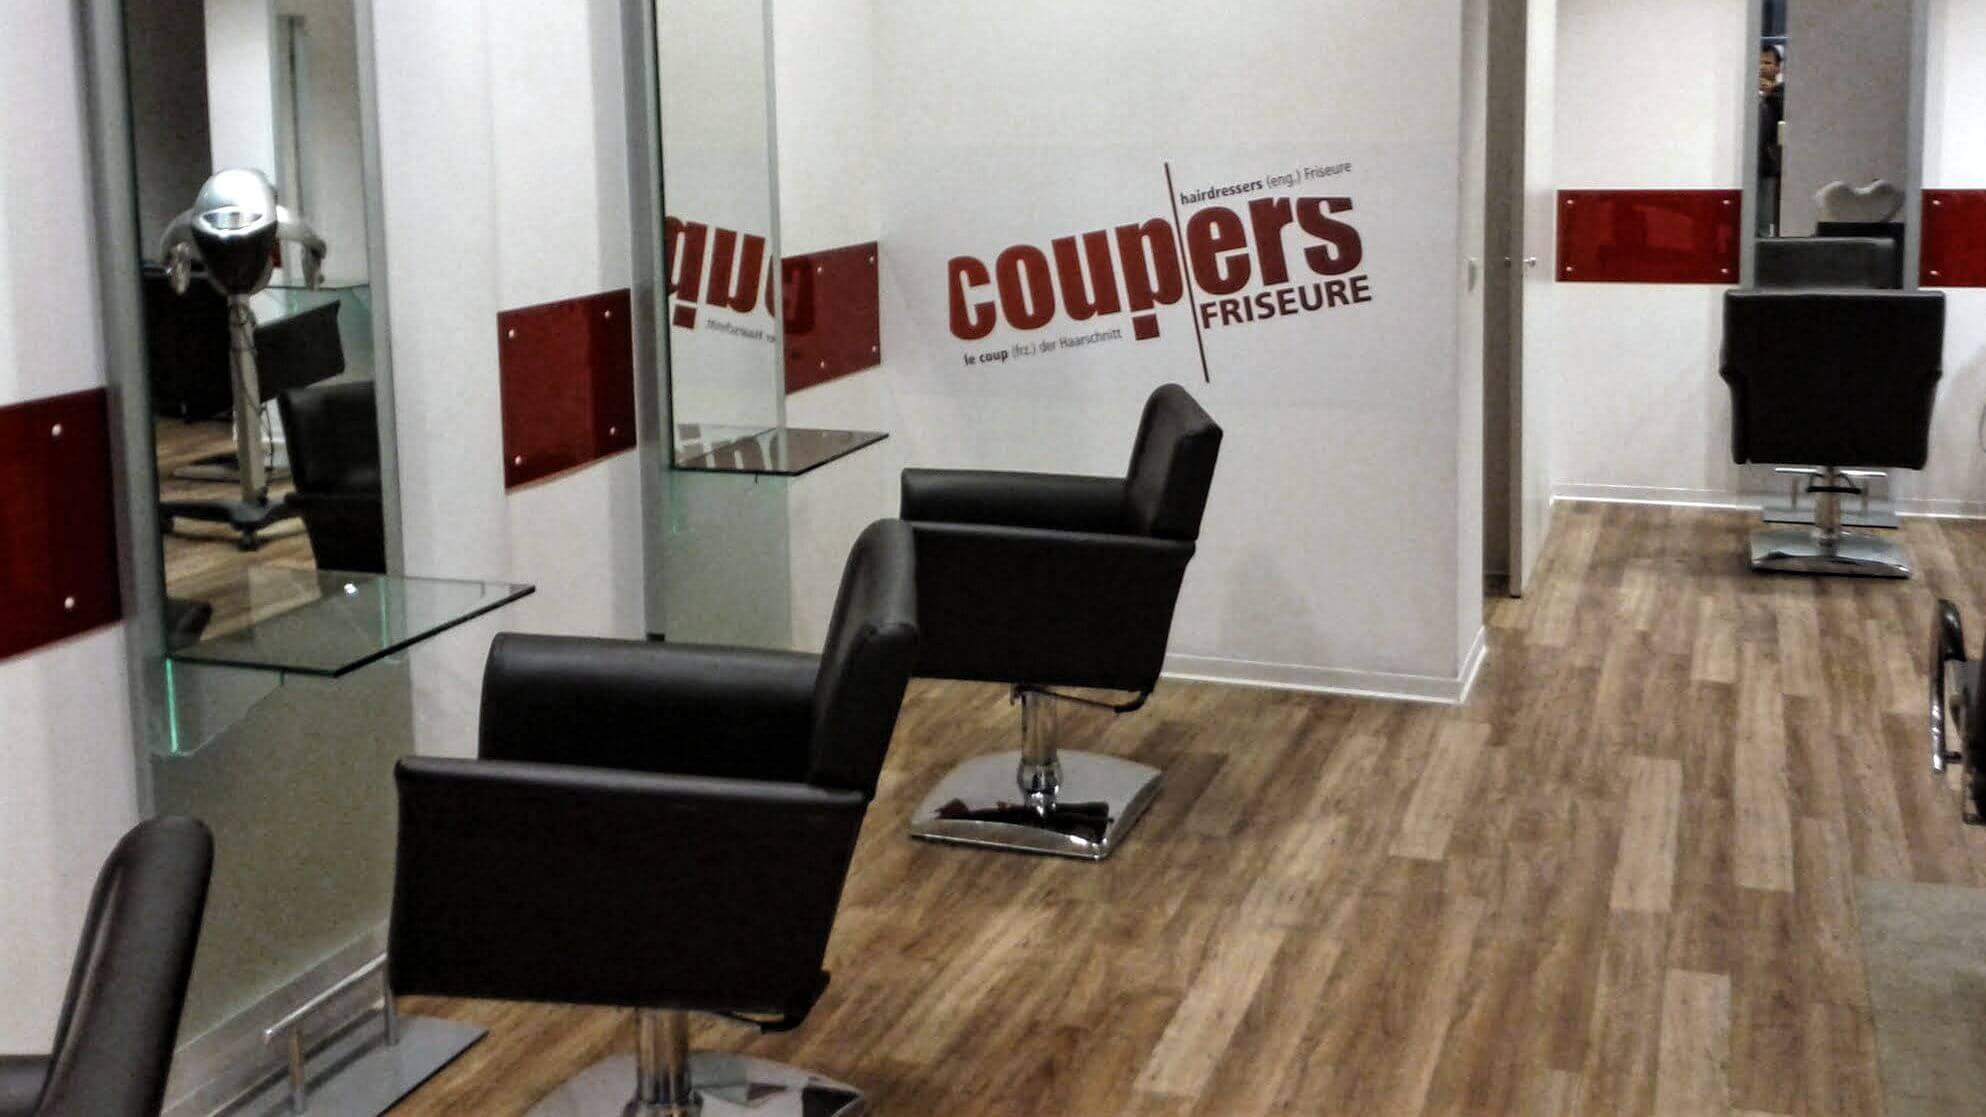 Coupers Friseure Der Salon In Der City Von Hannover Frisörsalon